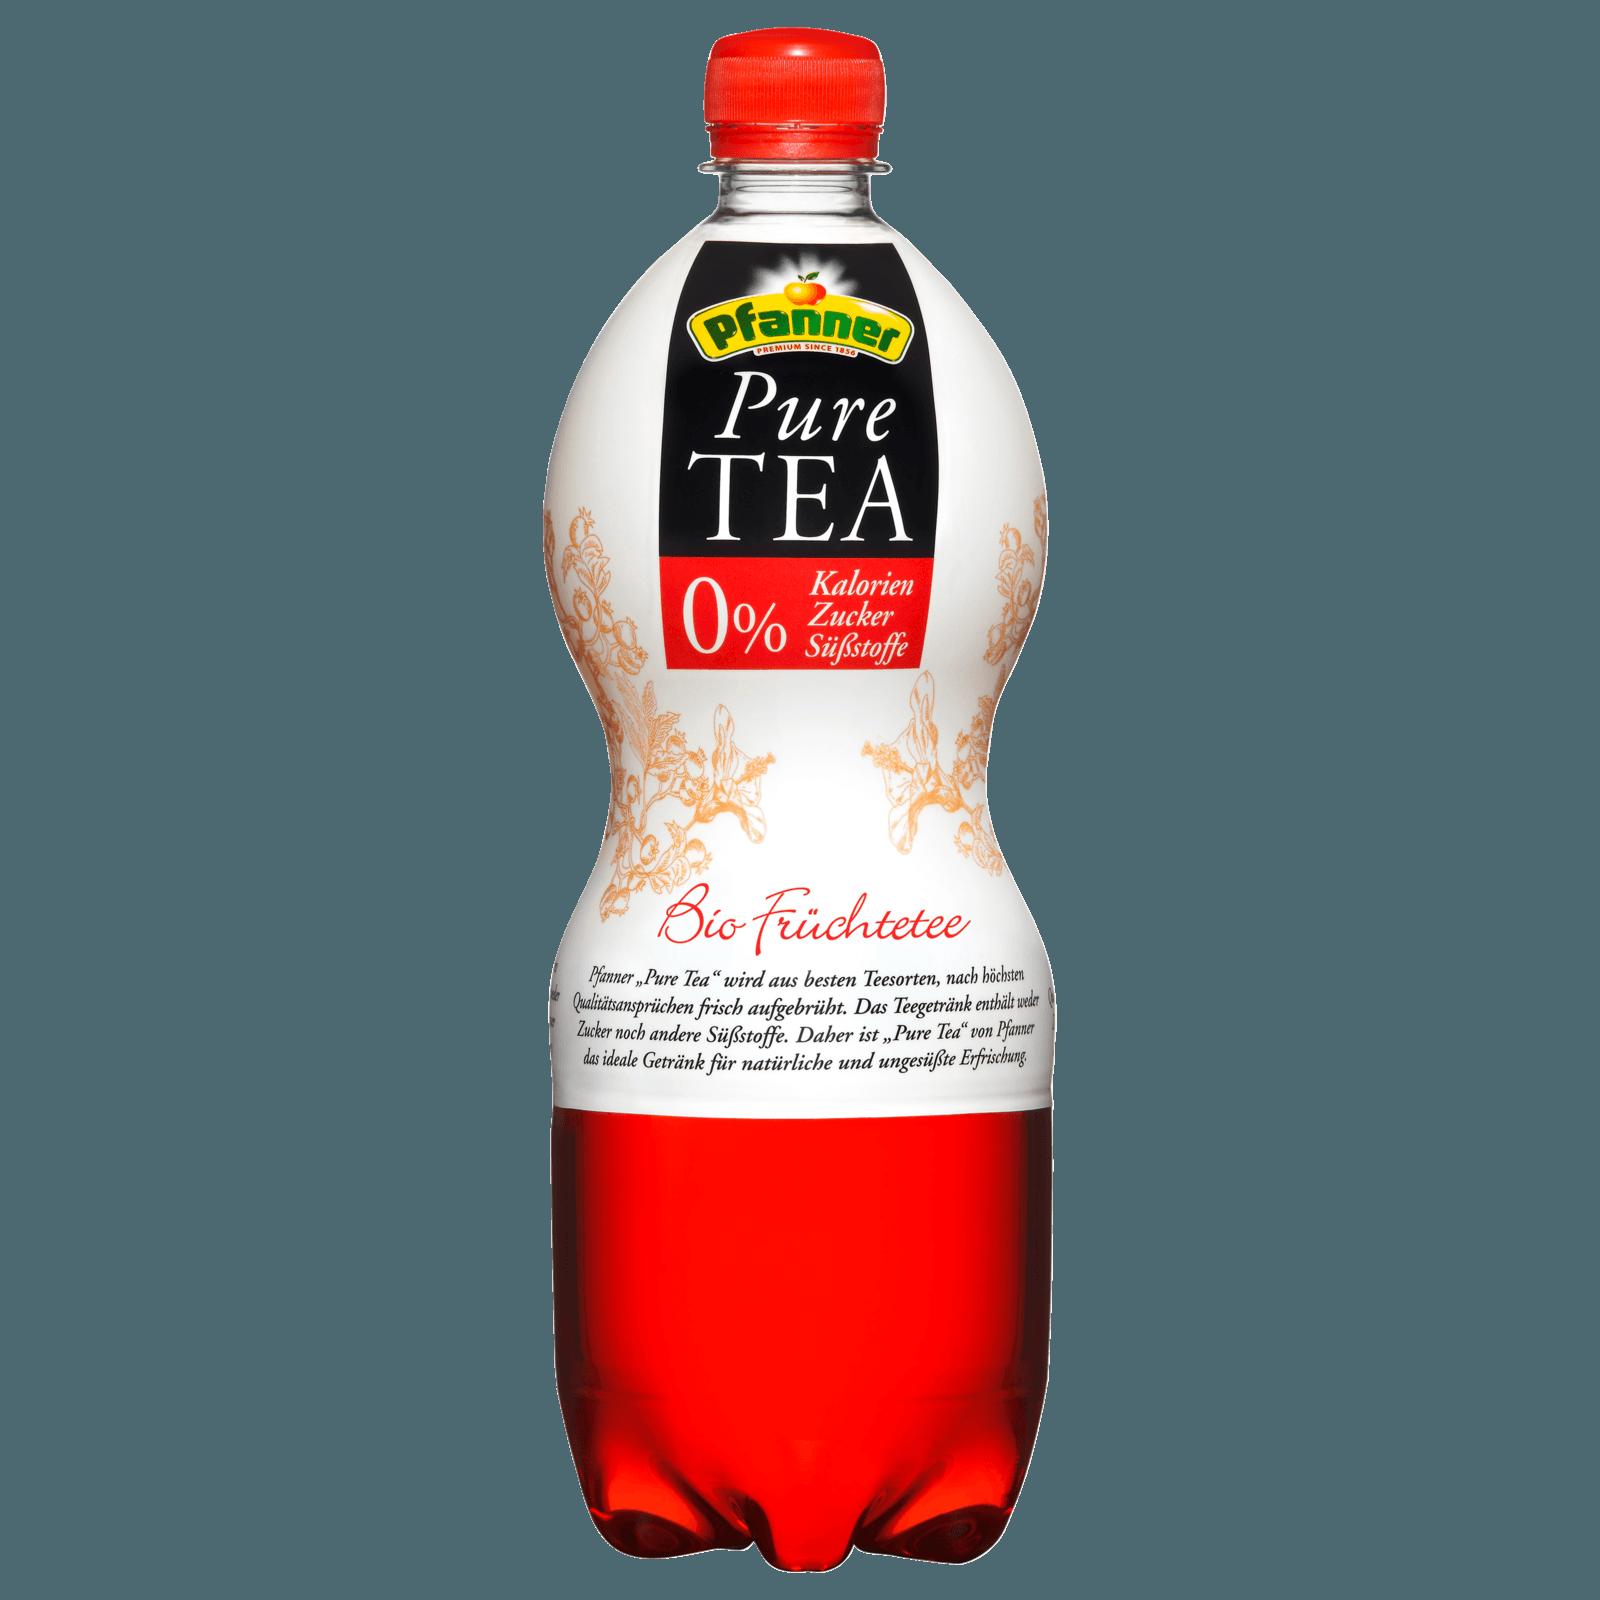 Pfanner Pure Tea Früchtetee 1l bei REWE online bestellen!